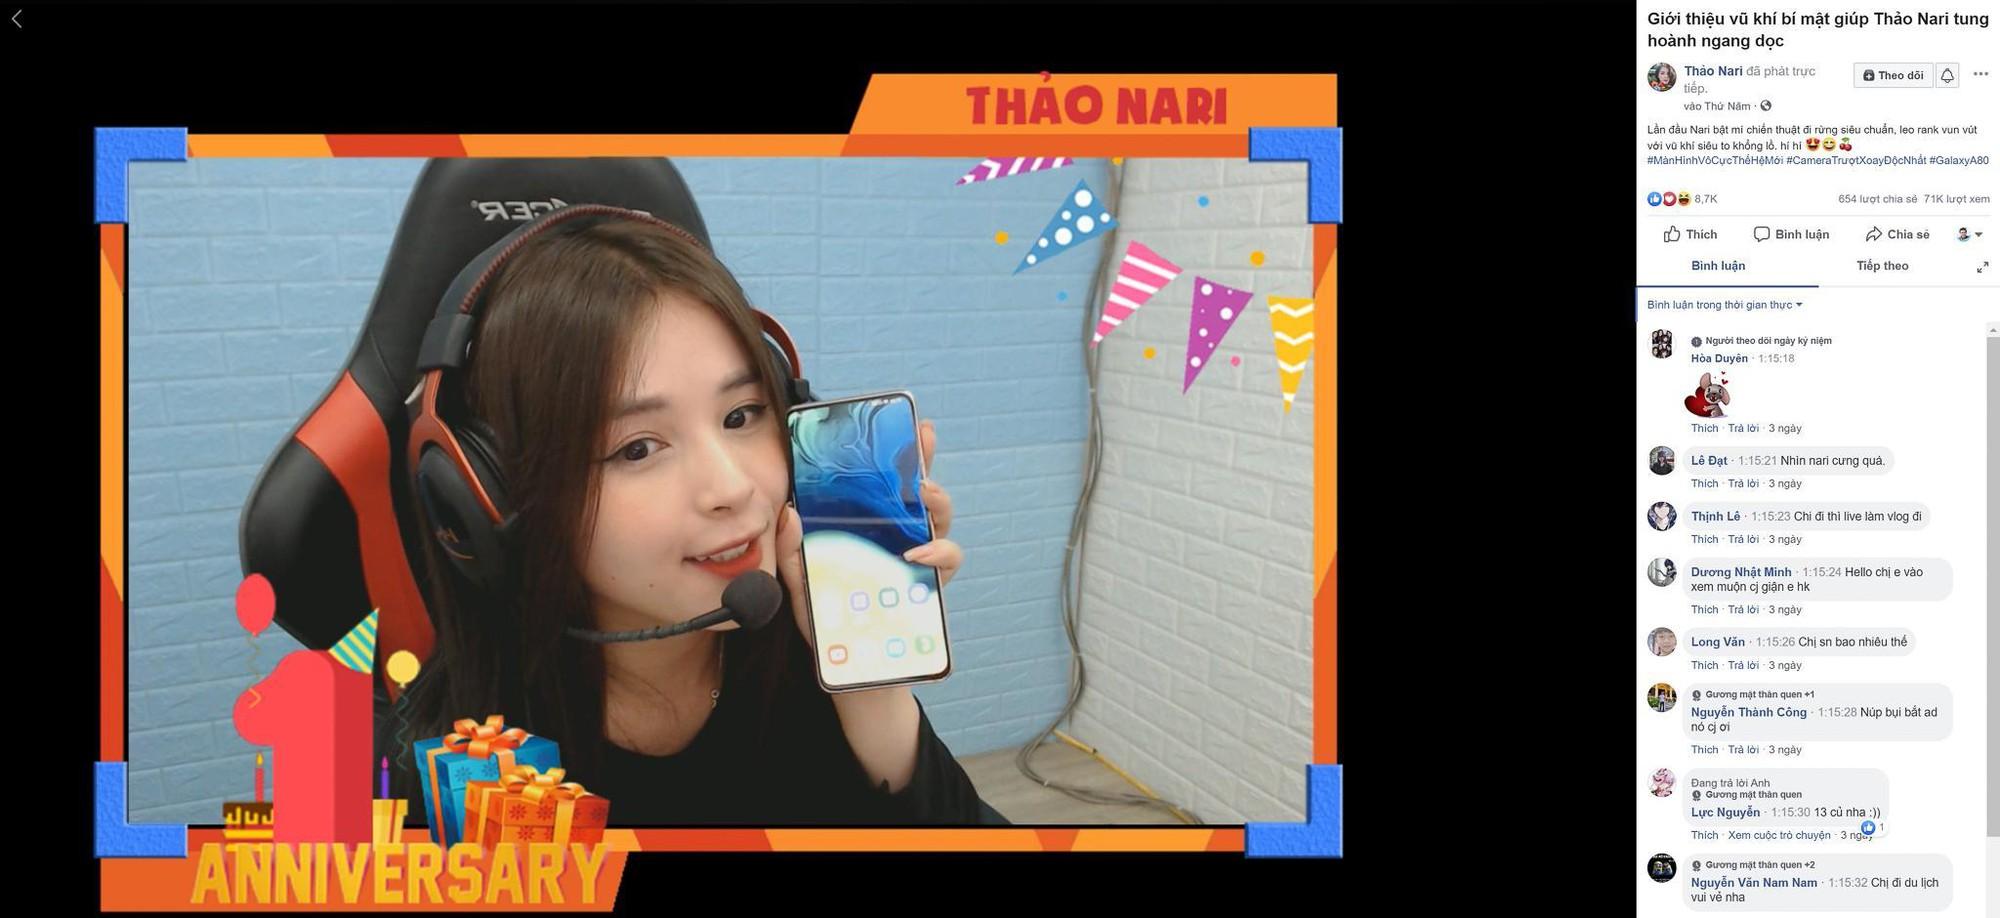 Trai xinh Trần Ba Duy và gái đẹp Thảo Nari cùng bật mí vũ khí bí mật khi livestream - Ảnh 1.